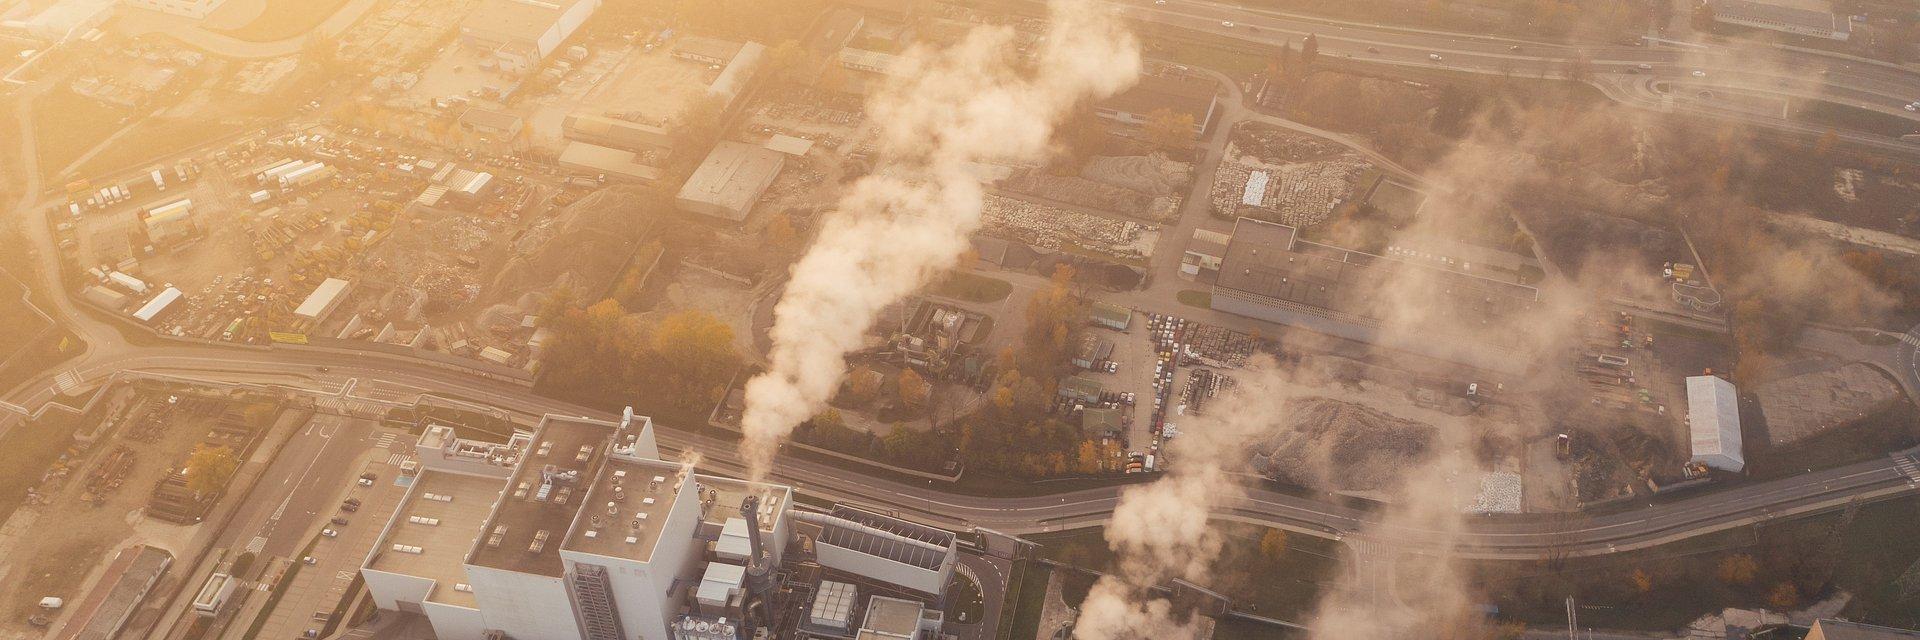 W stronę zielonego ładu – czy pandemia pomoże osiągnąć cele klimatyczne?